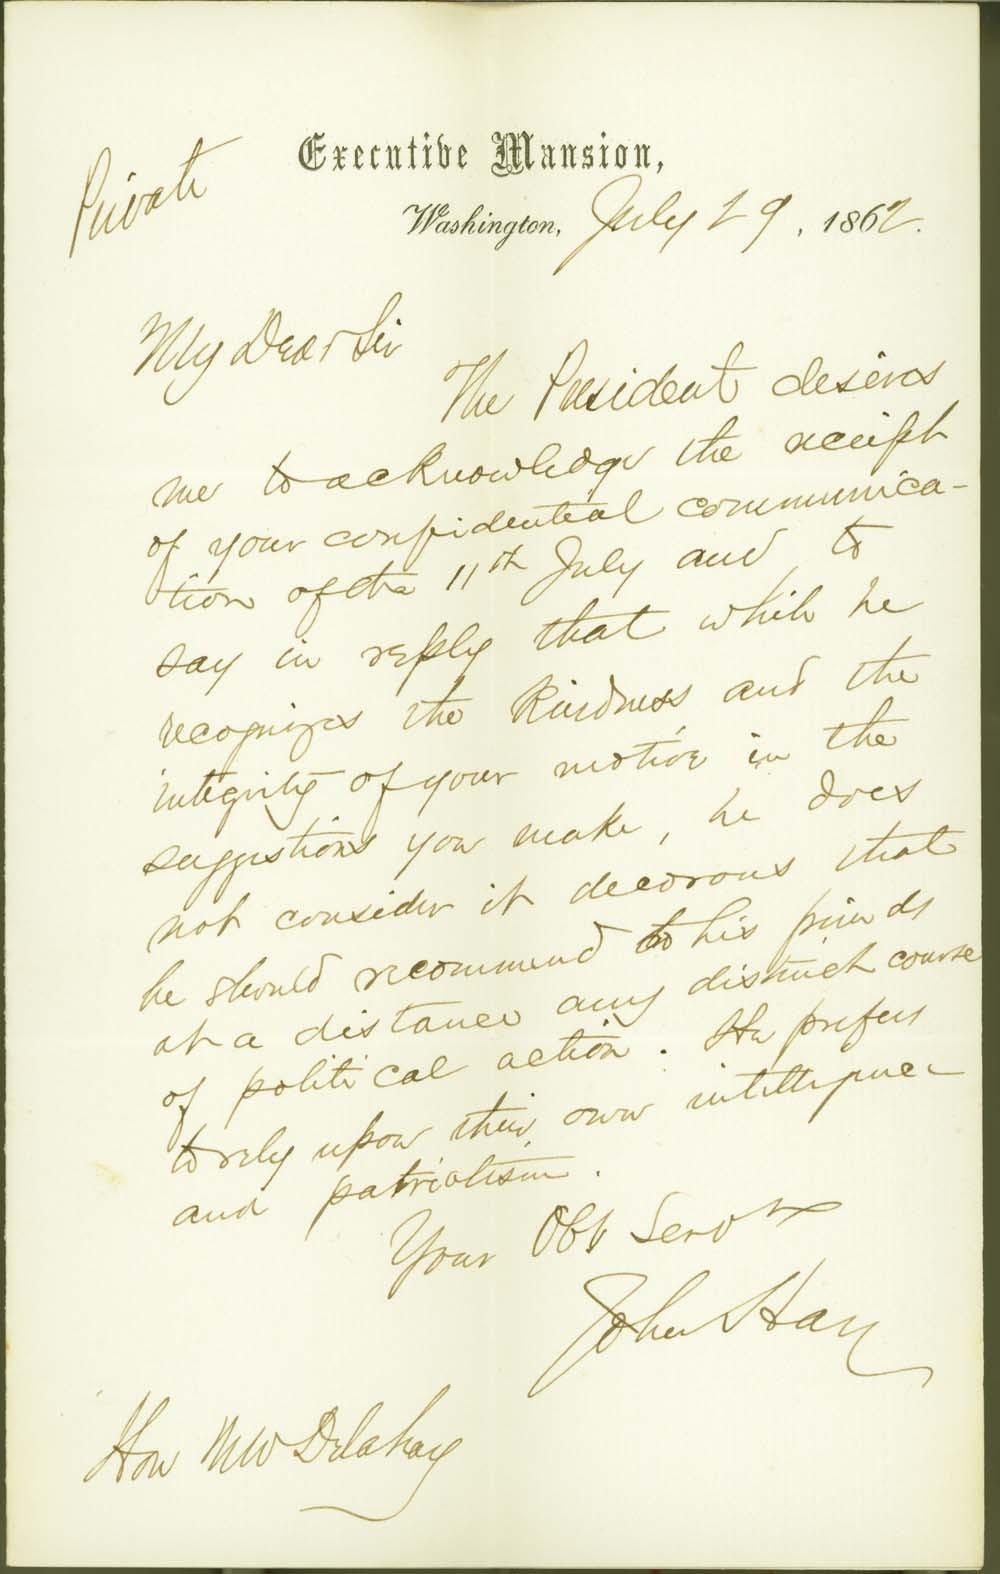 John Milton Hay to Mark W. Delahay